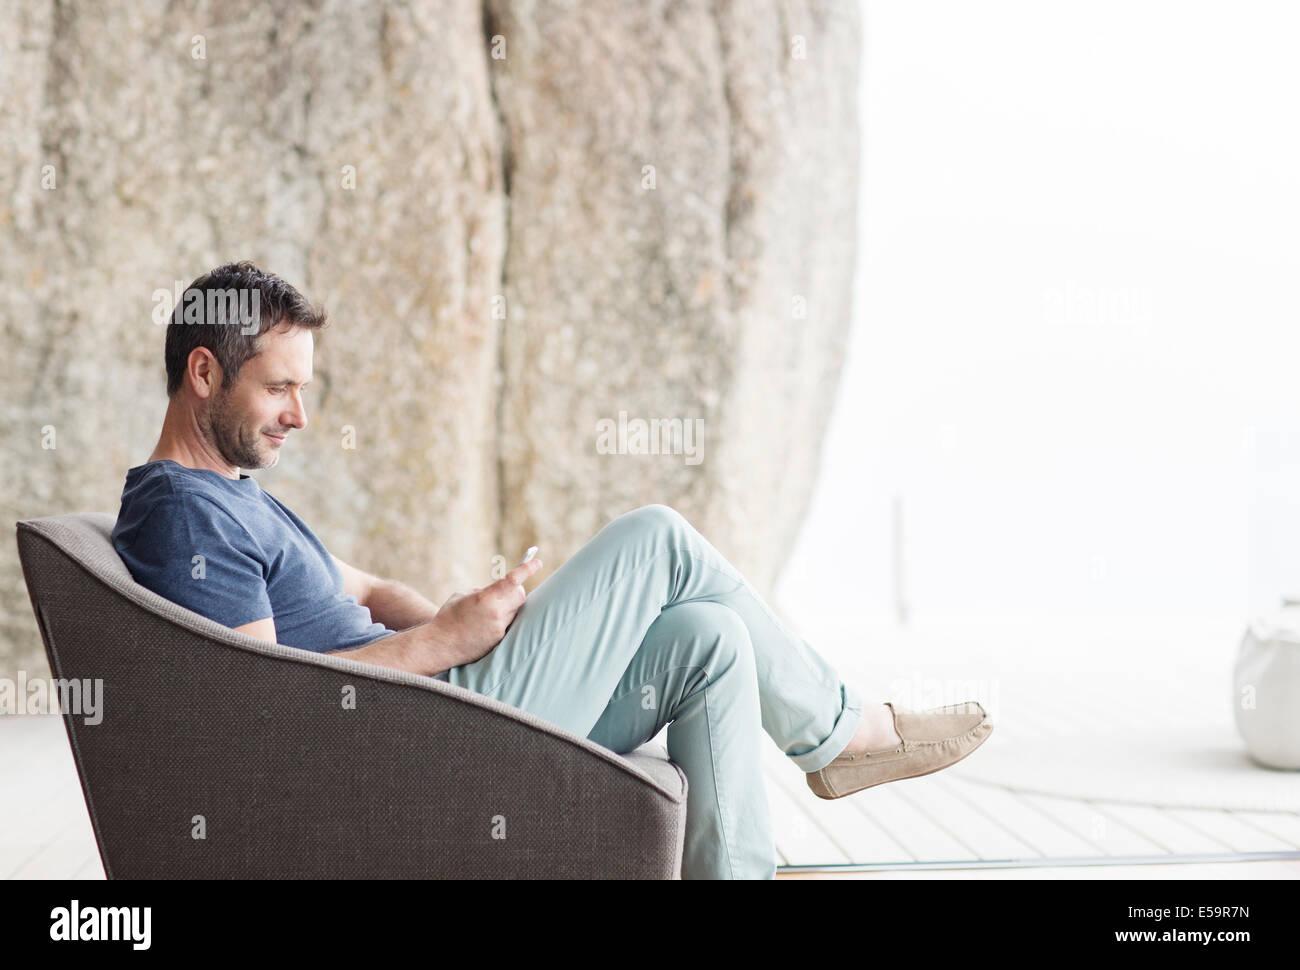 Uomo seduto in poltrona moderna Immagini Stock